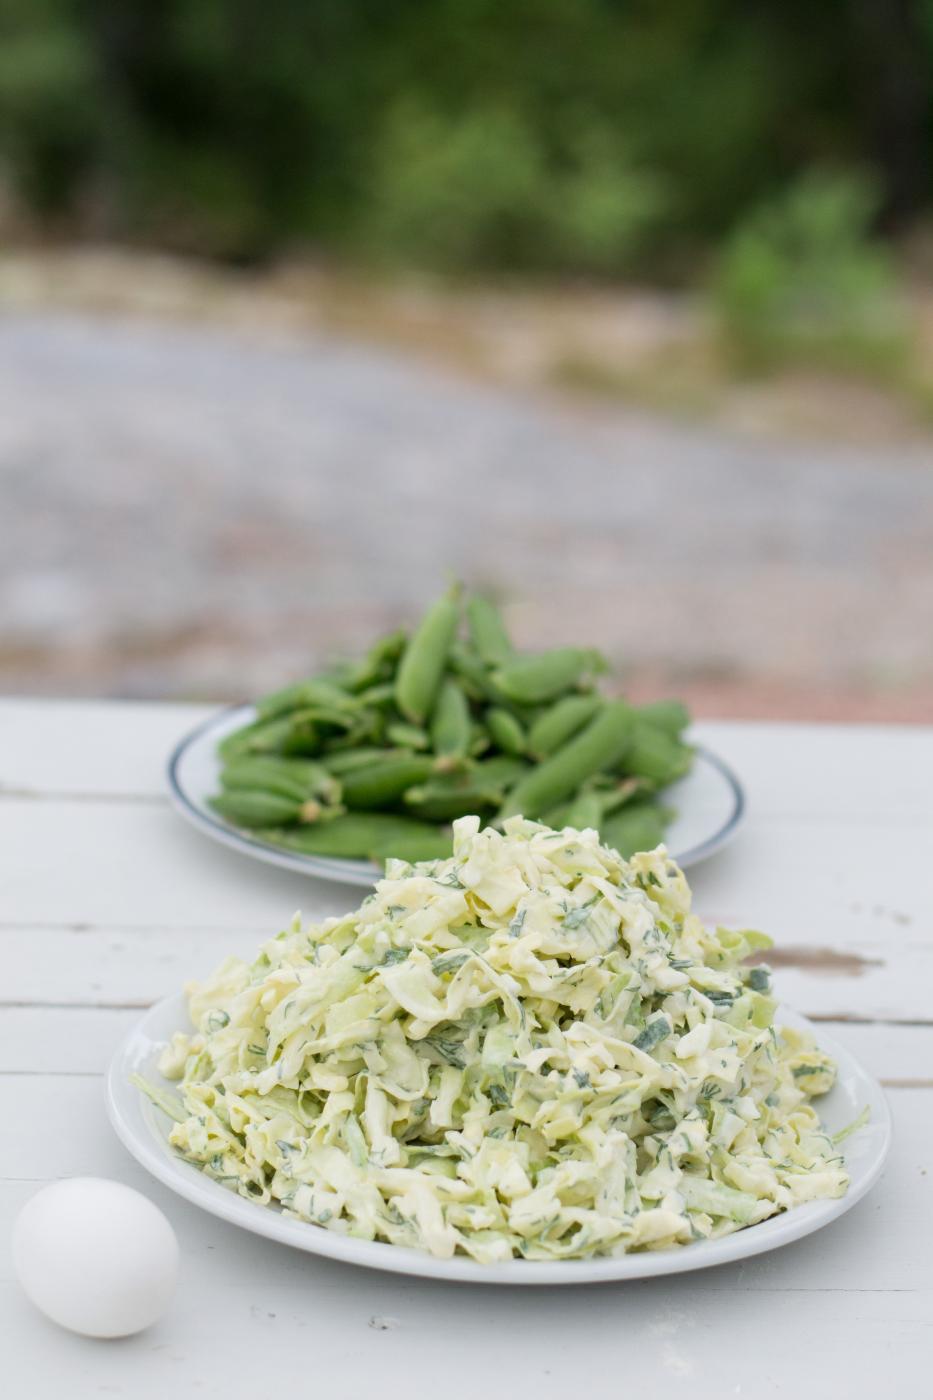 Varhaiskaalisalaatti ja Isoäidin salaatinkastike